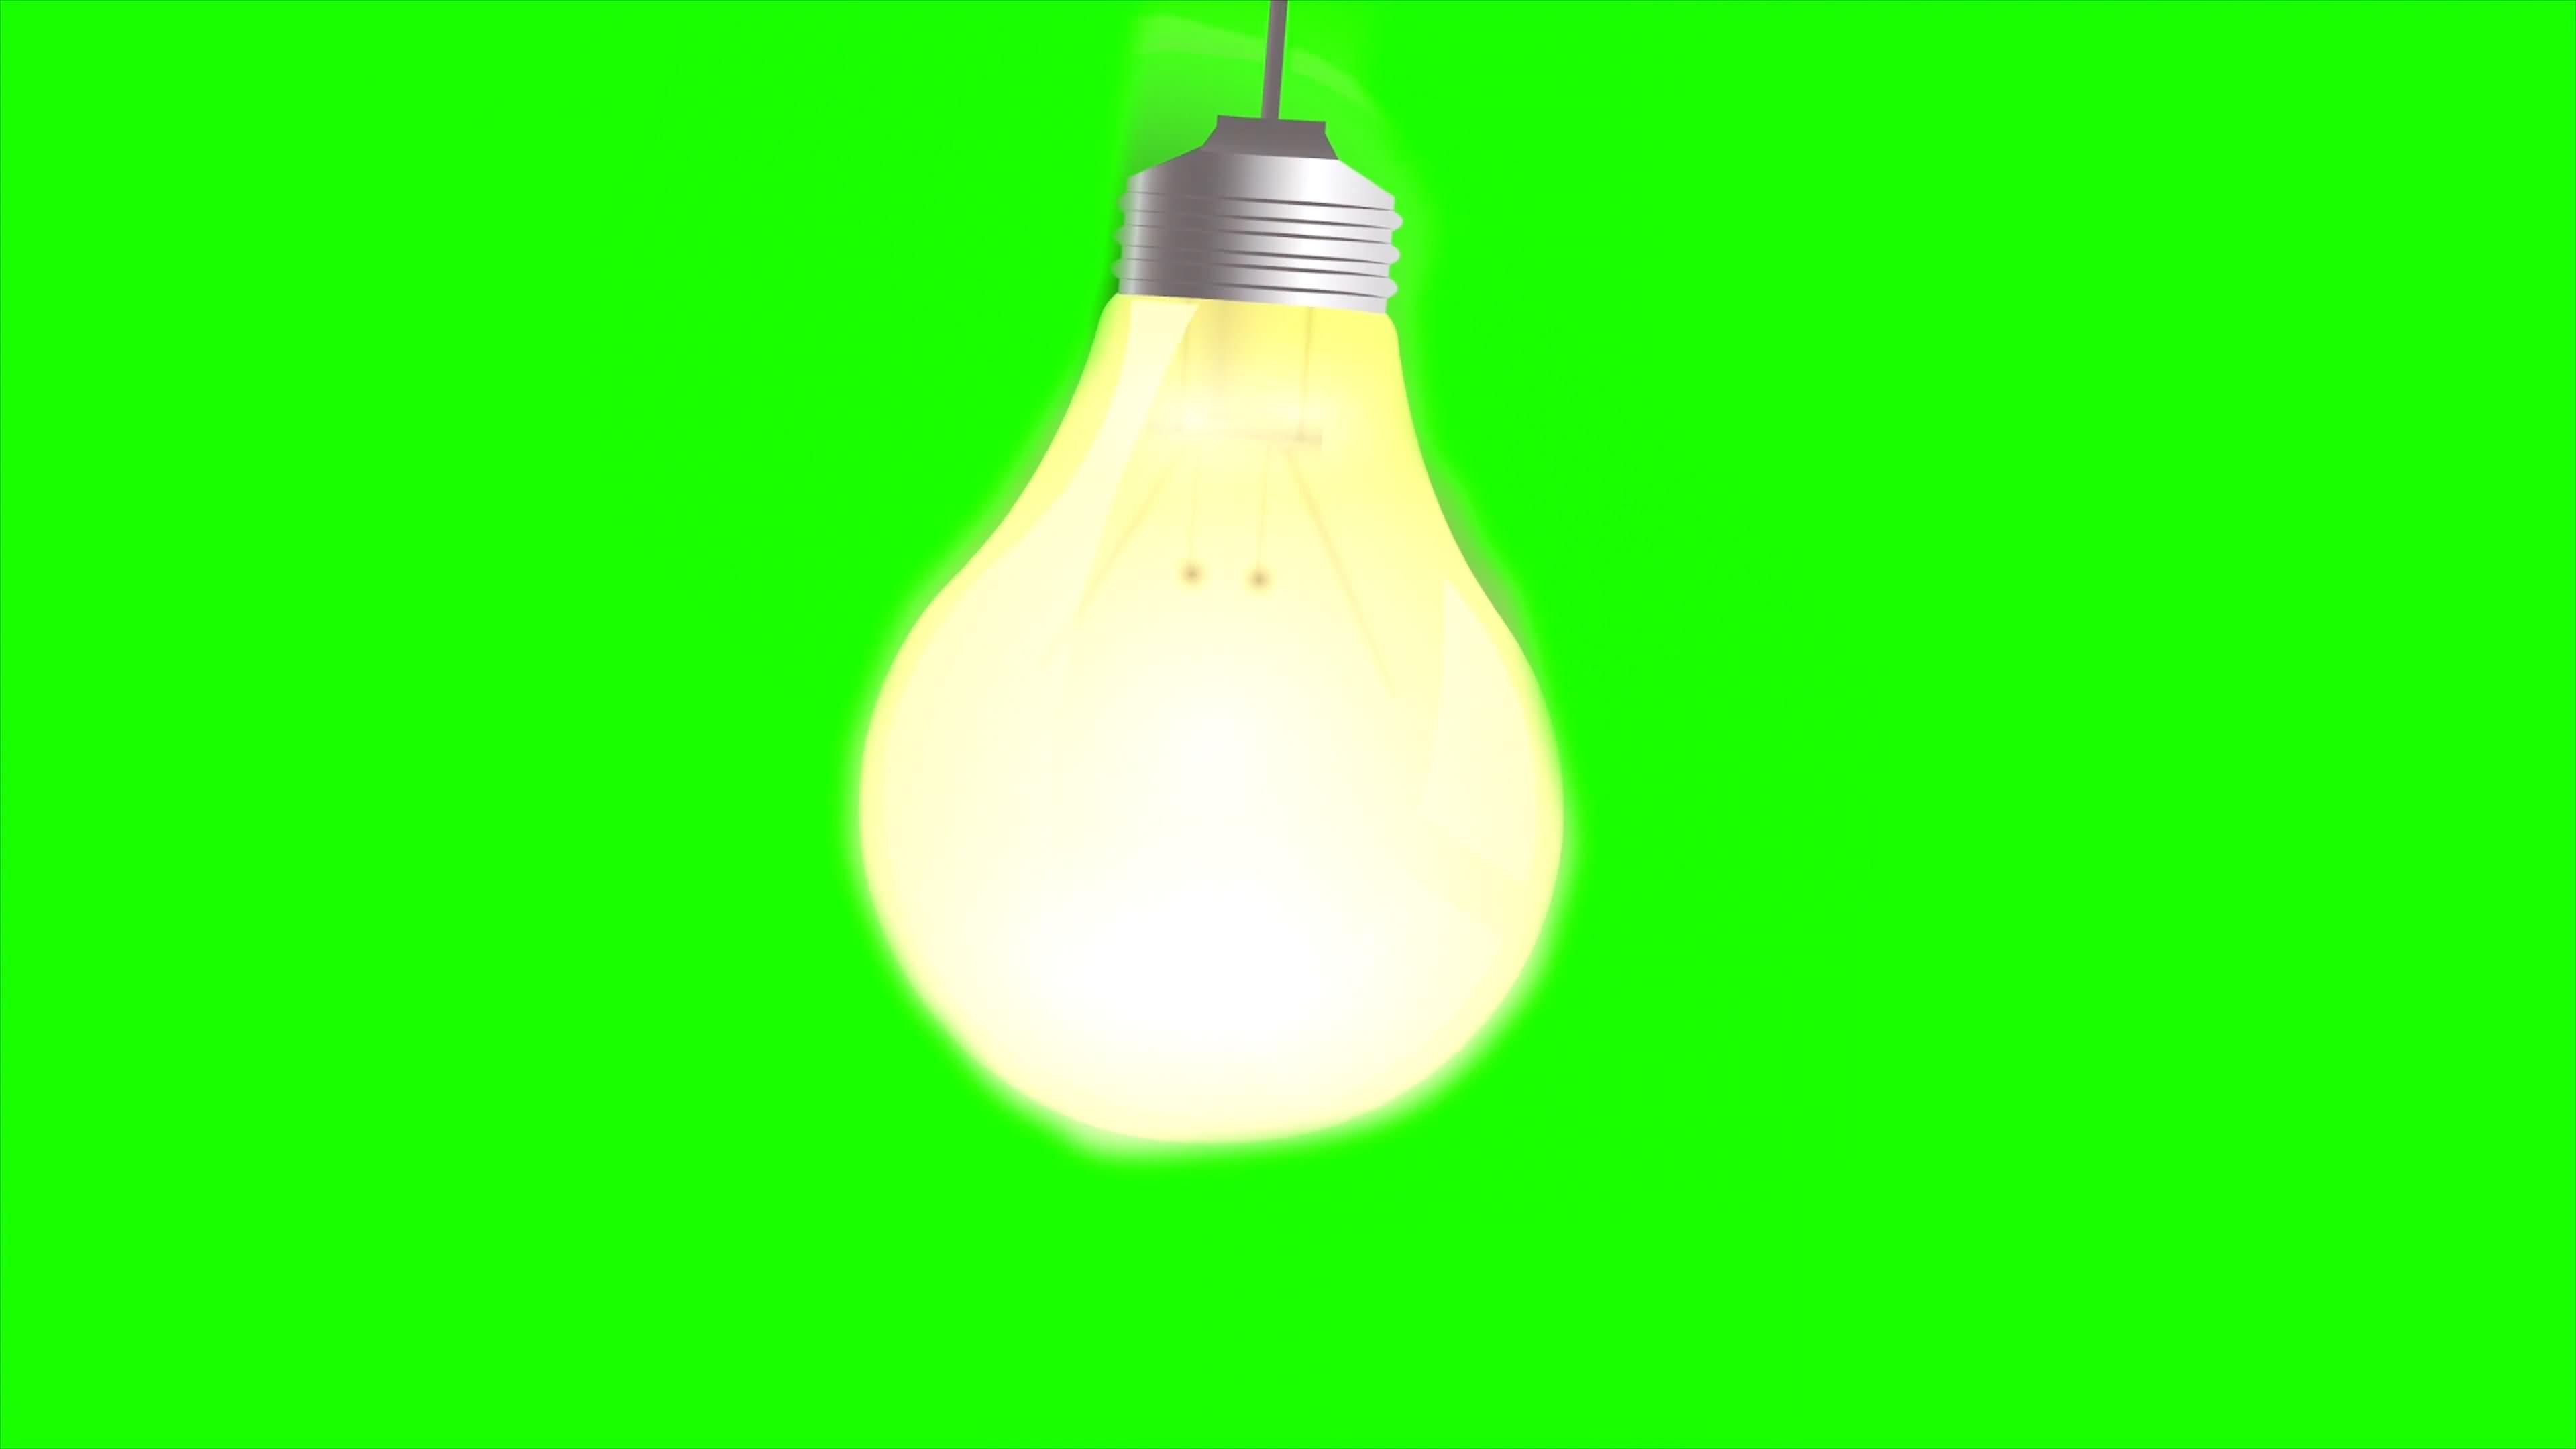 绿幕视频素材电灯泡